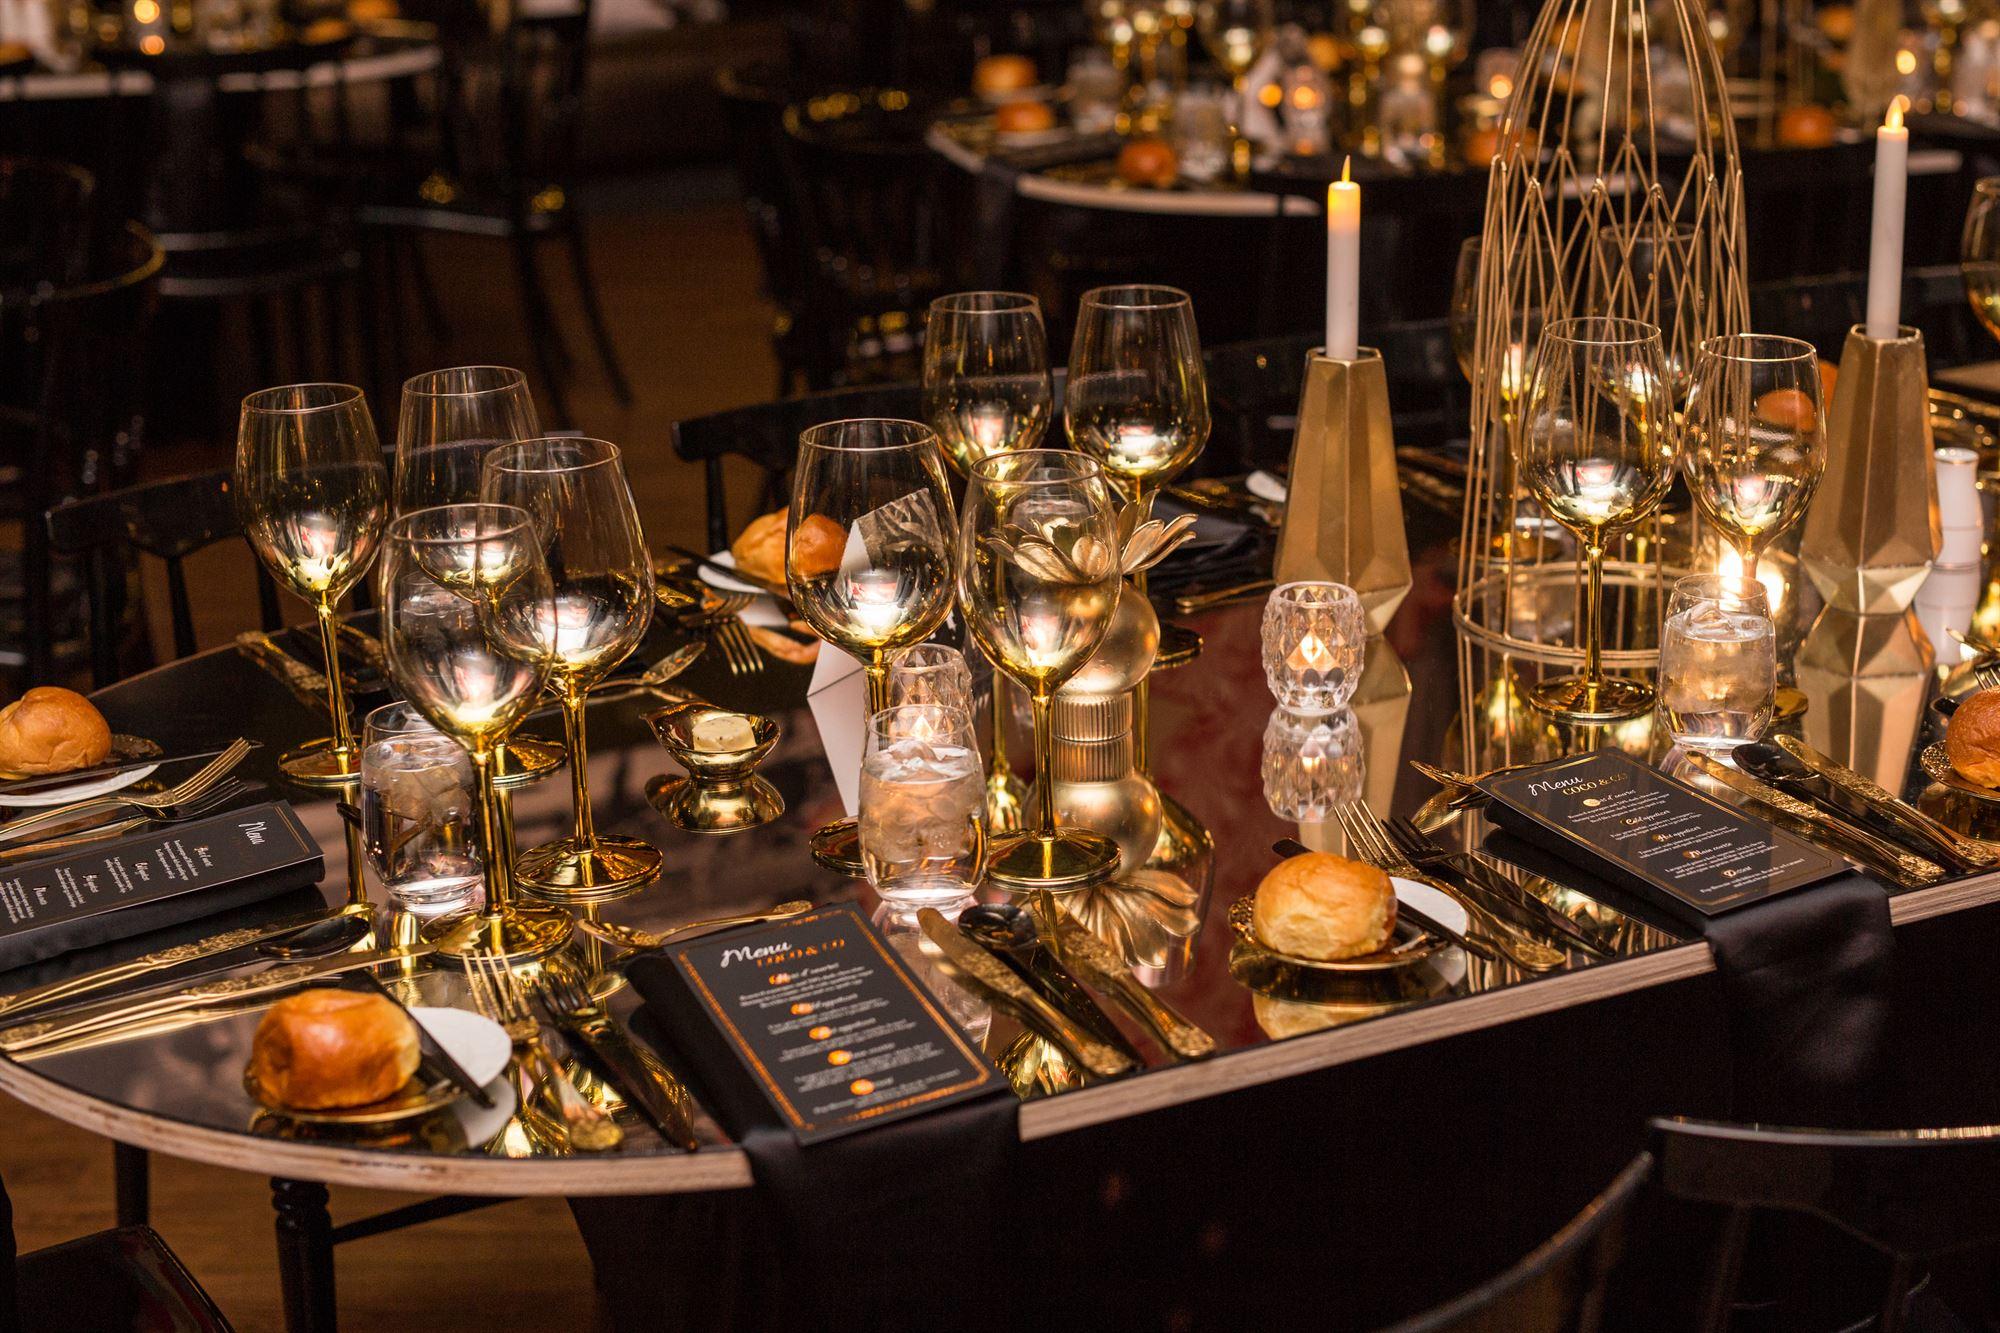 Table Setting Coco 2017 Christmas